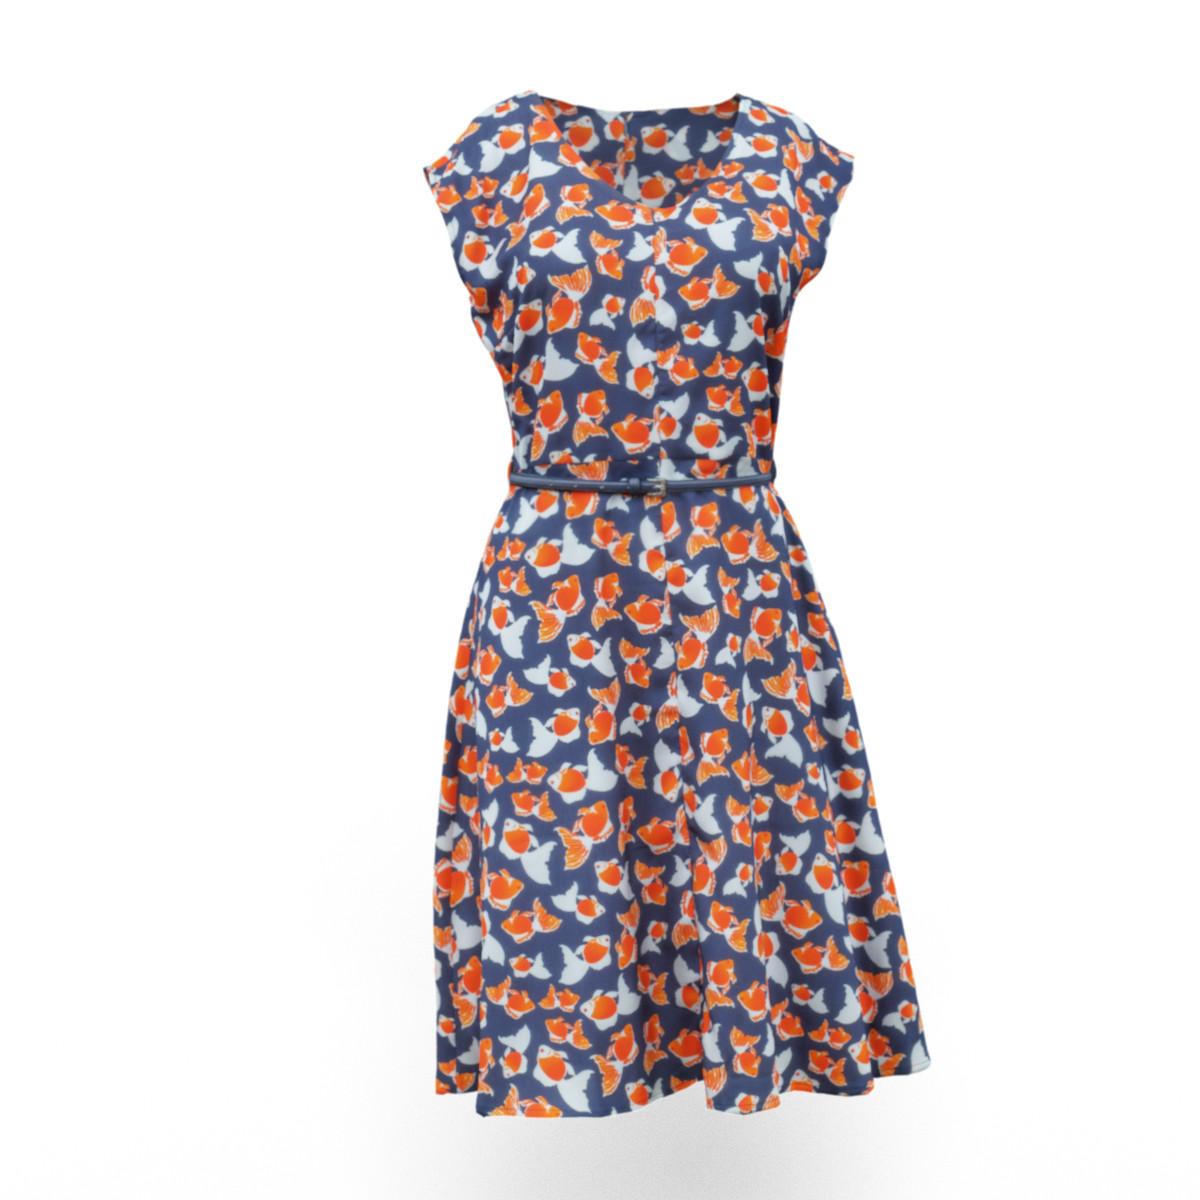 dress 3d obj